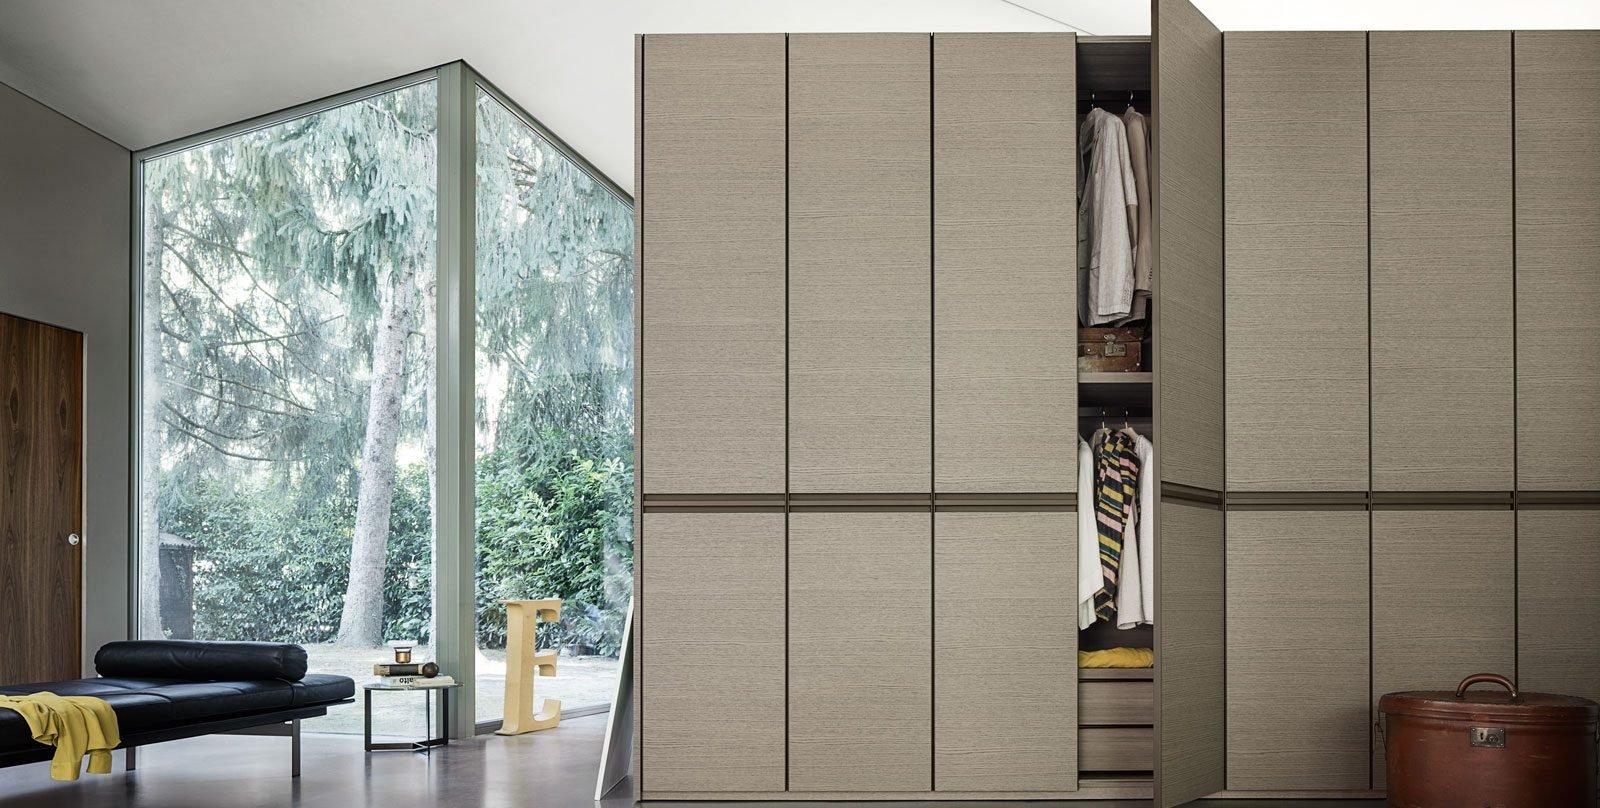 Armadio o cabina armadio cose di casa for Piccoli piani di casa in metallo